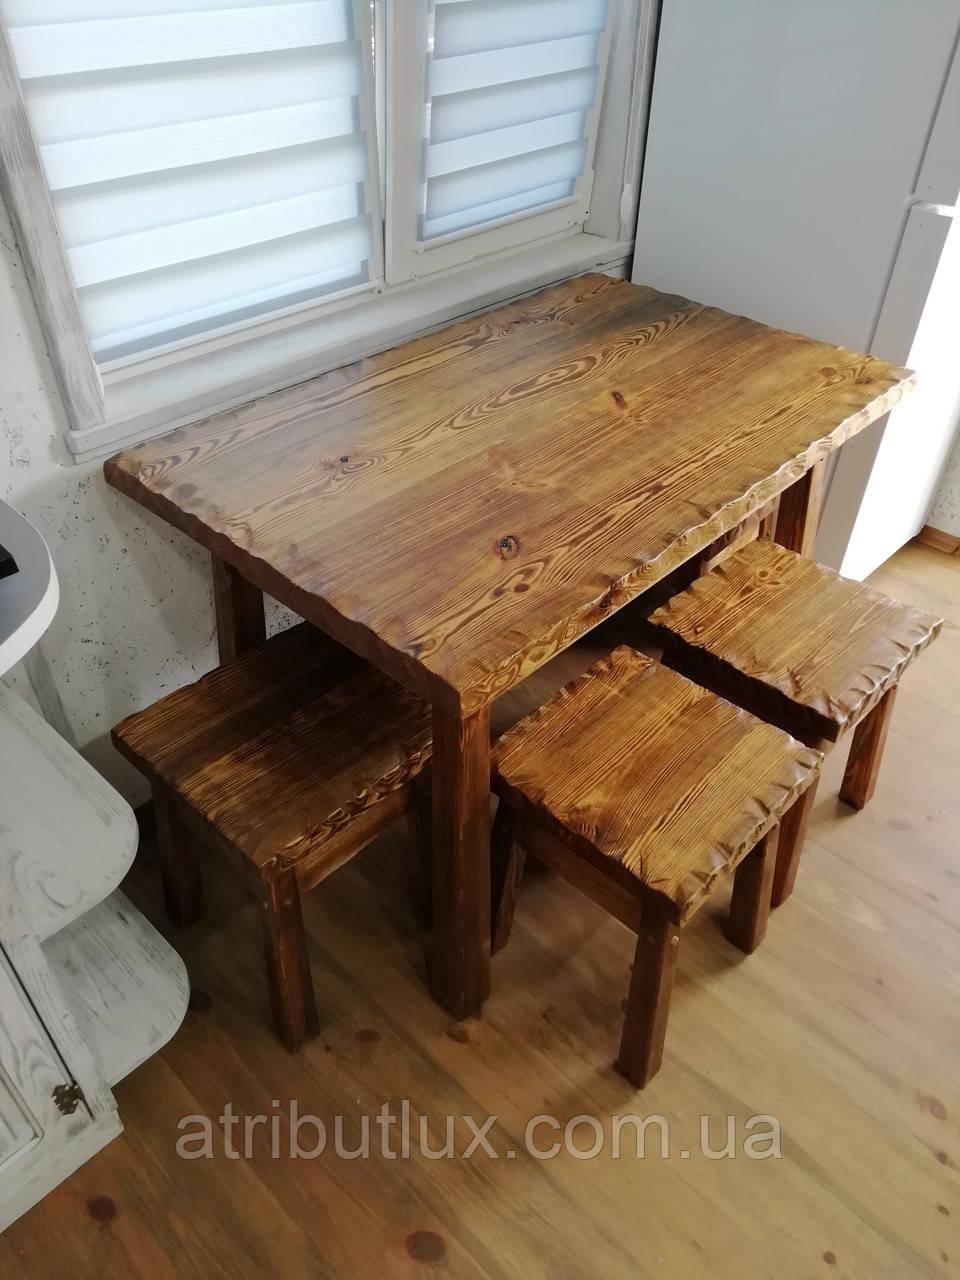 Комплект стола со стульями из массива сосны от производителя. 110х70